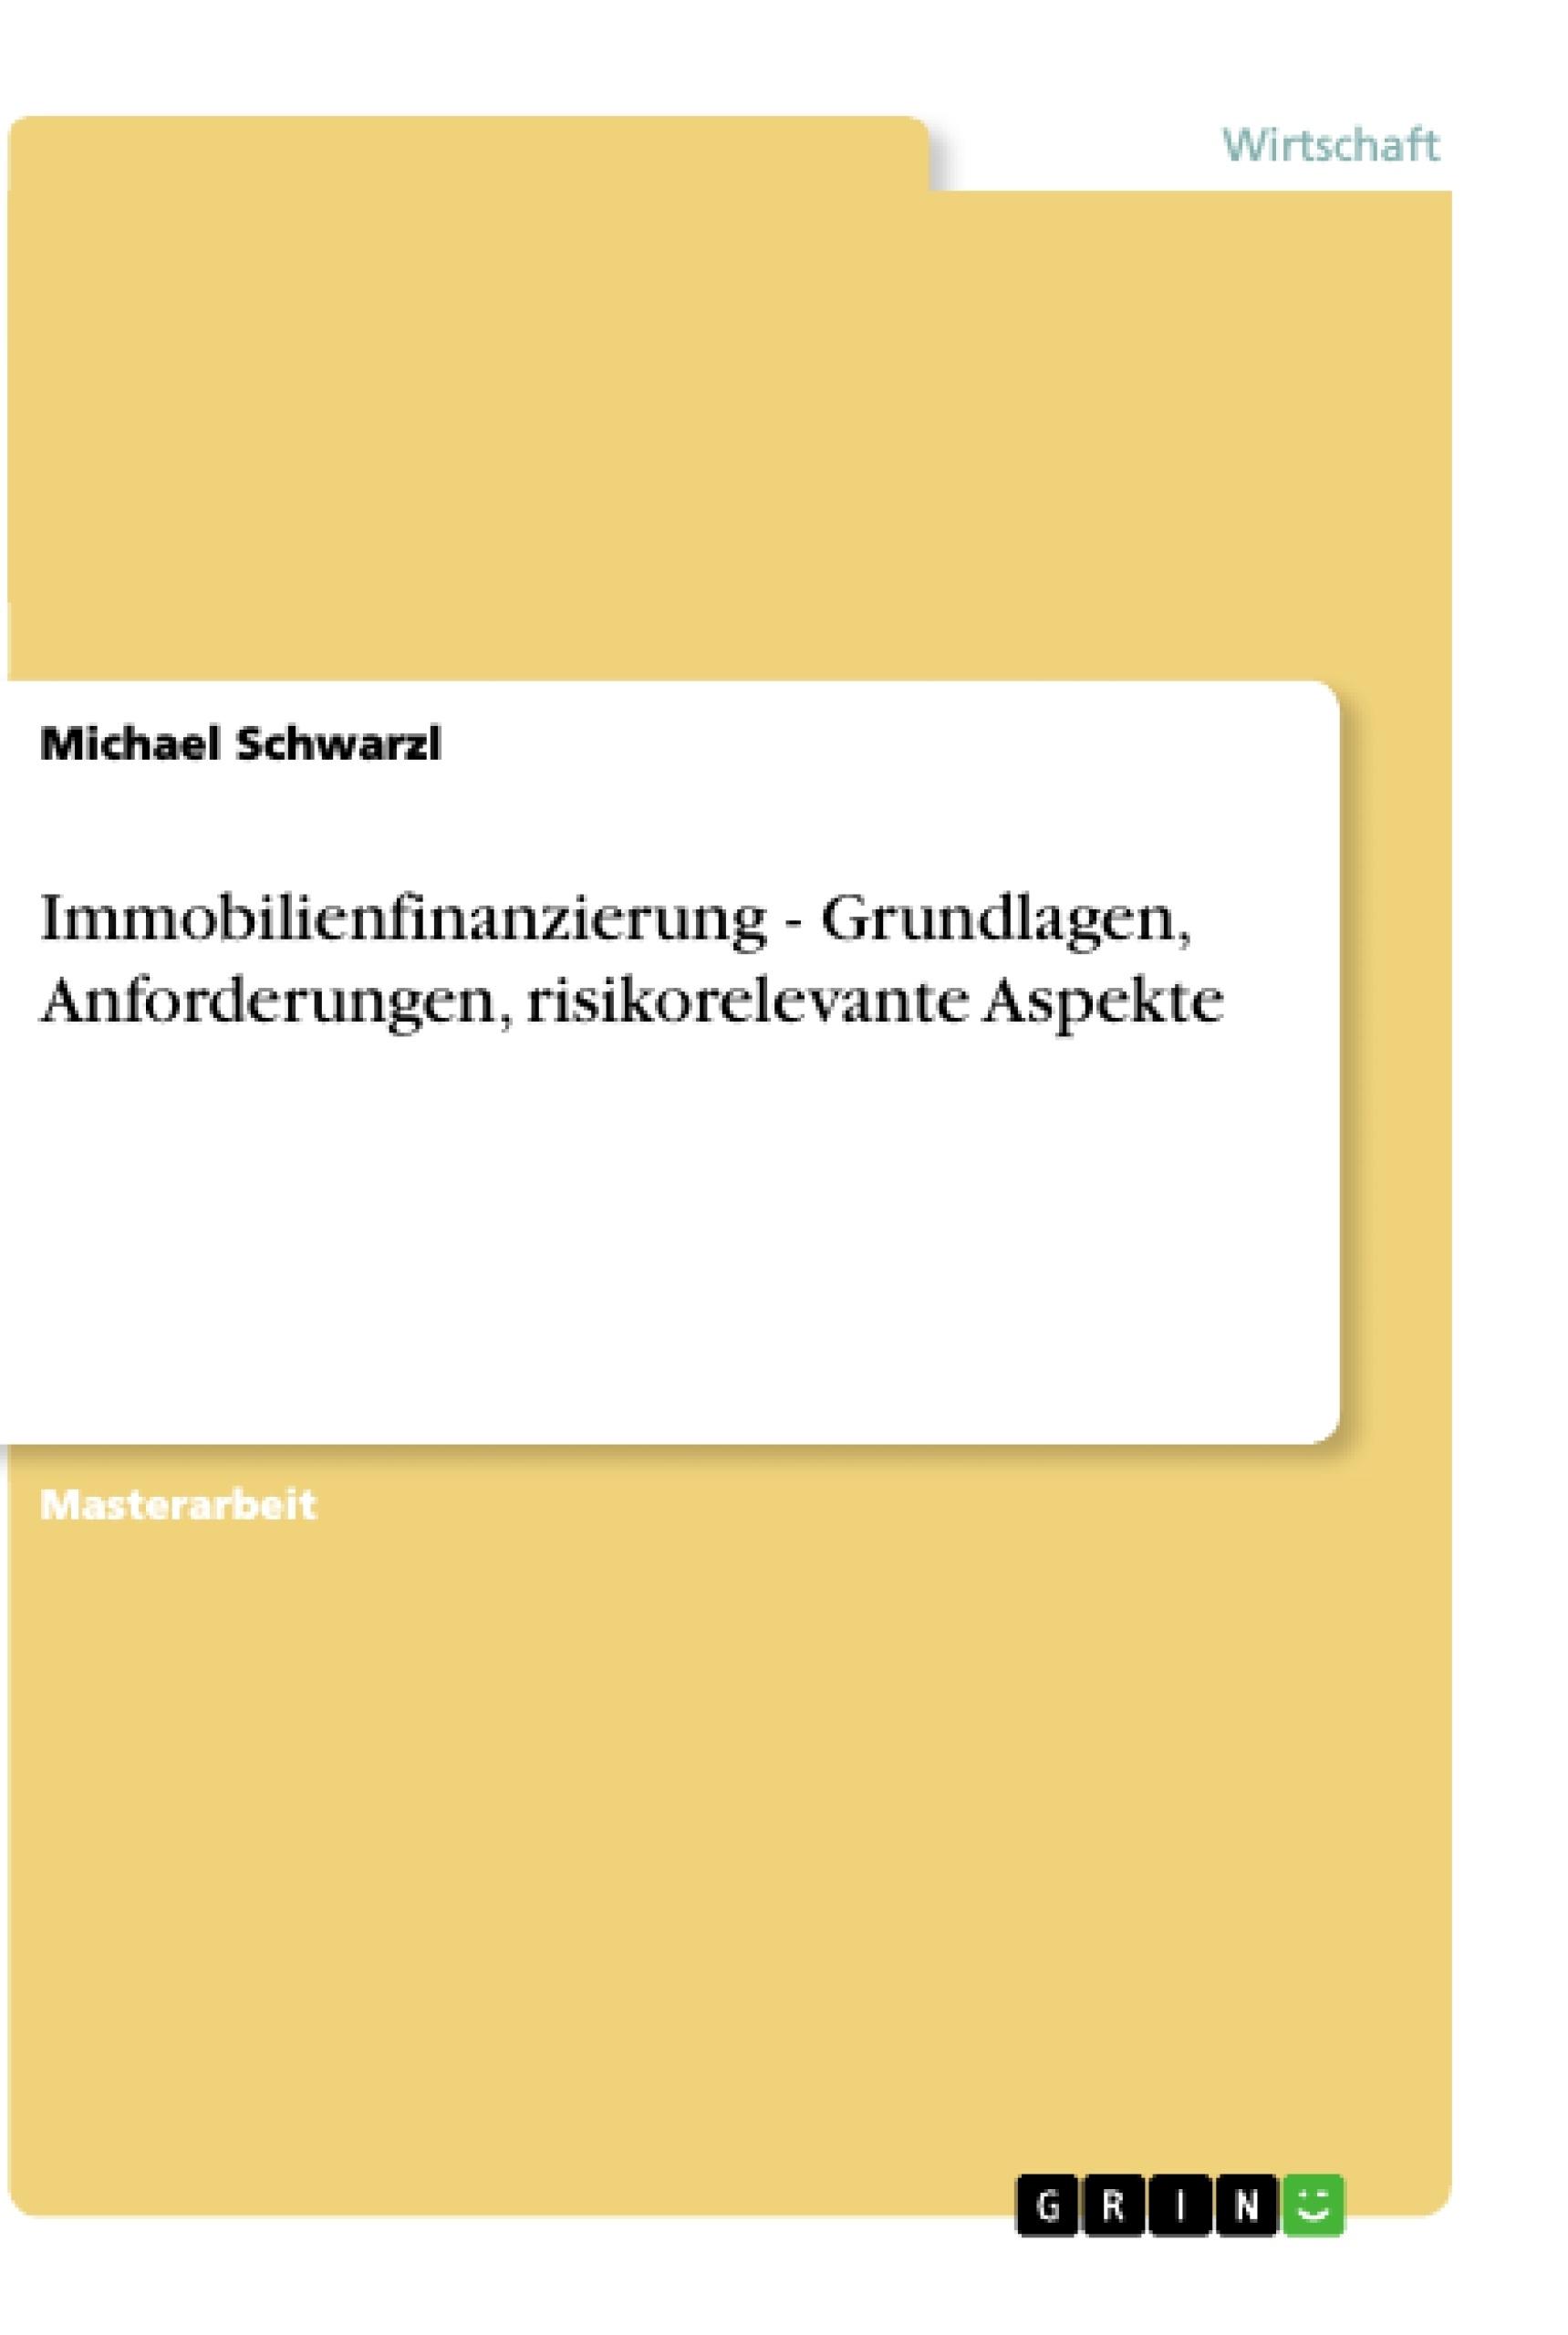 Titel: Immobilienfinanzierung - Grundlagen, Anforderungen, risikorelevante Aspekte